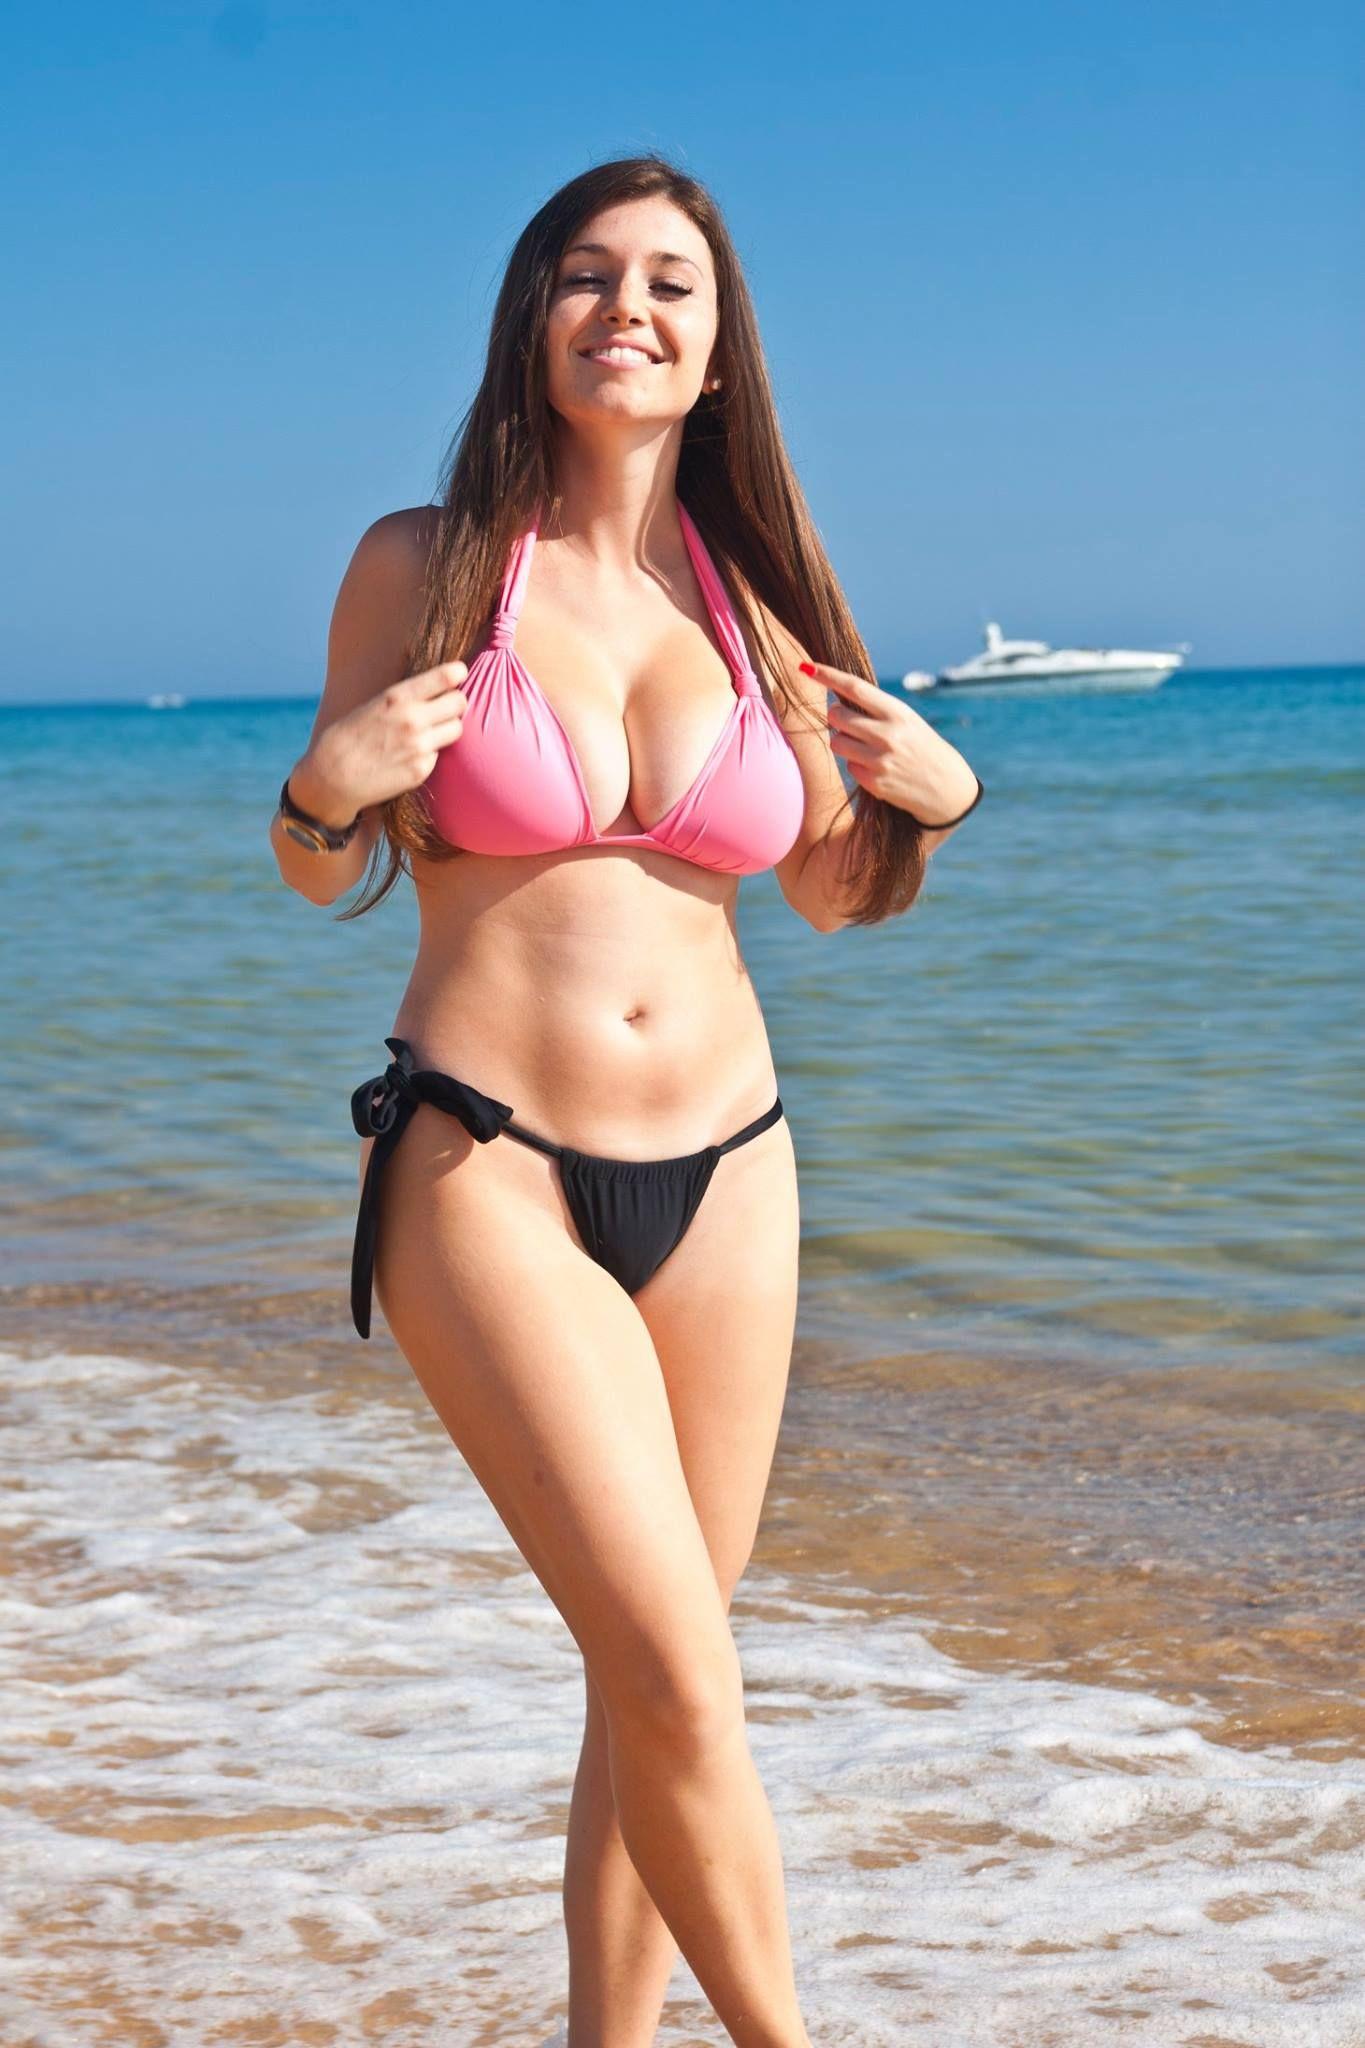 Bikini model see thru